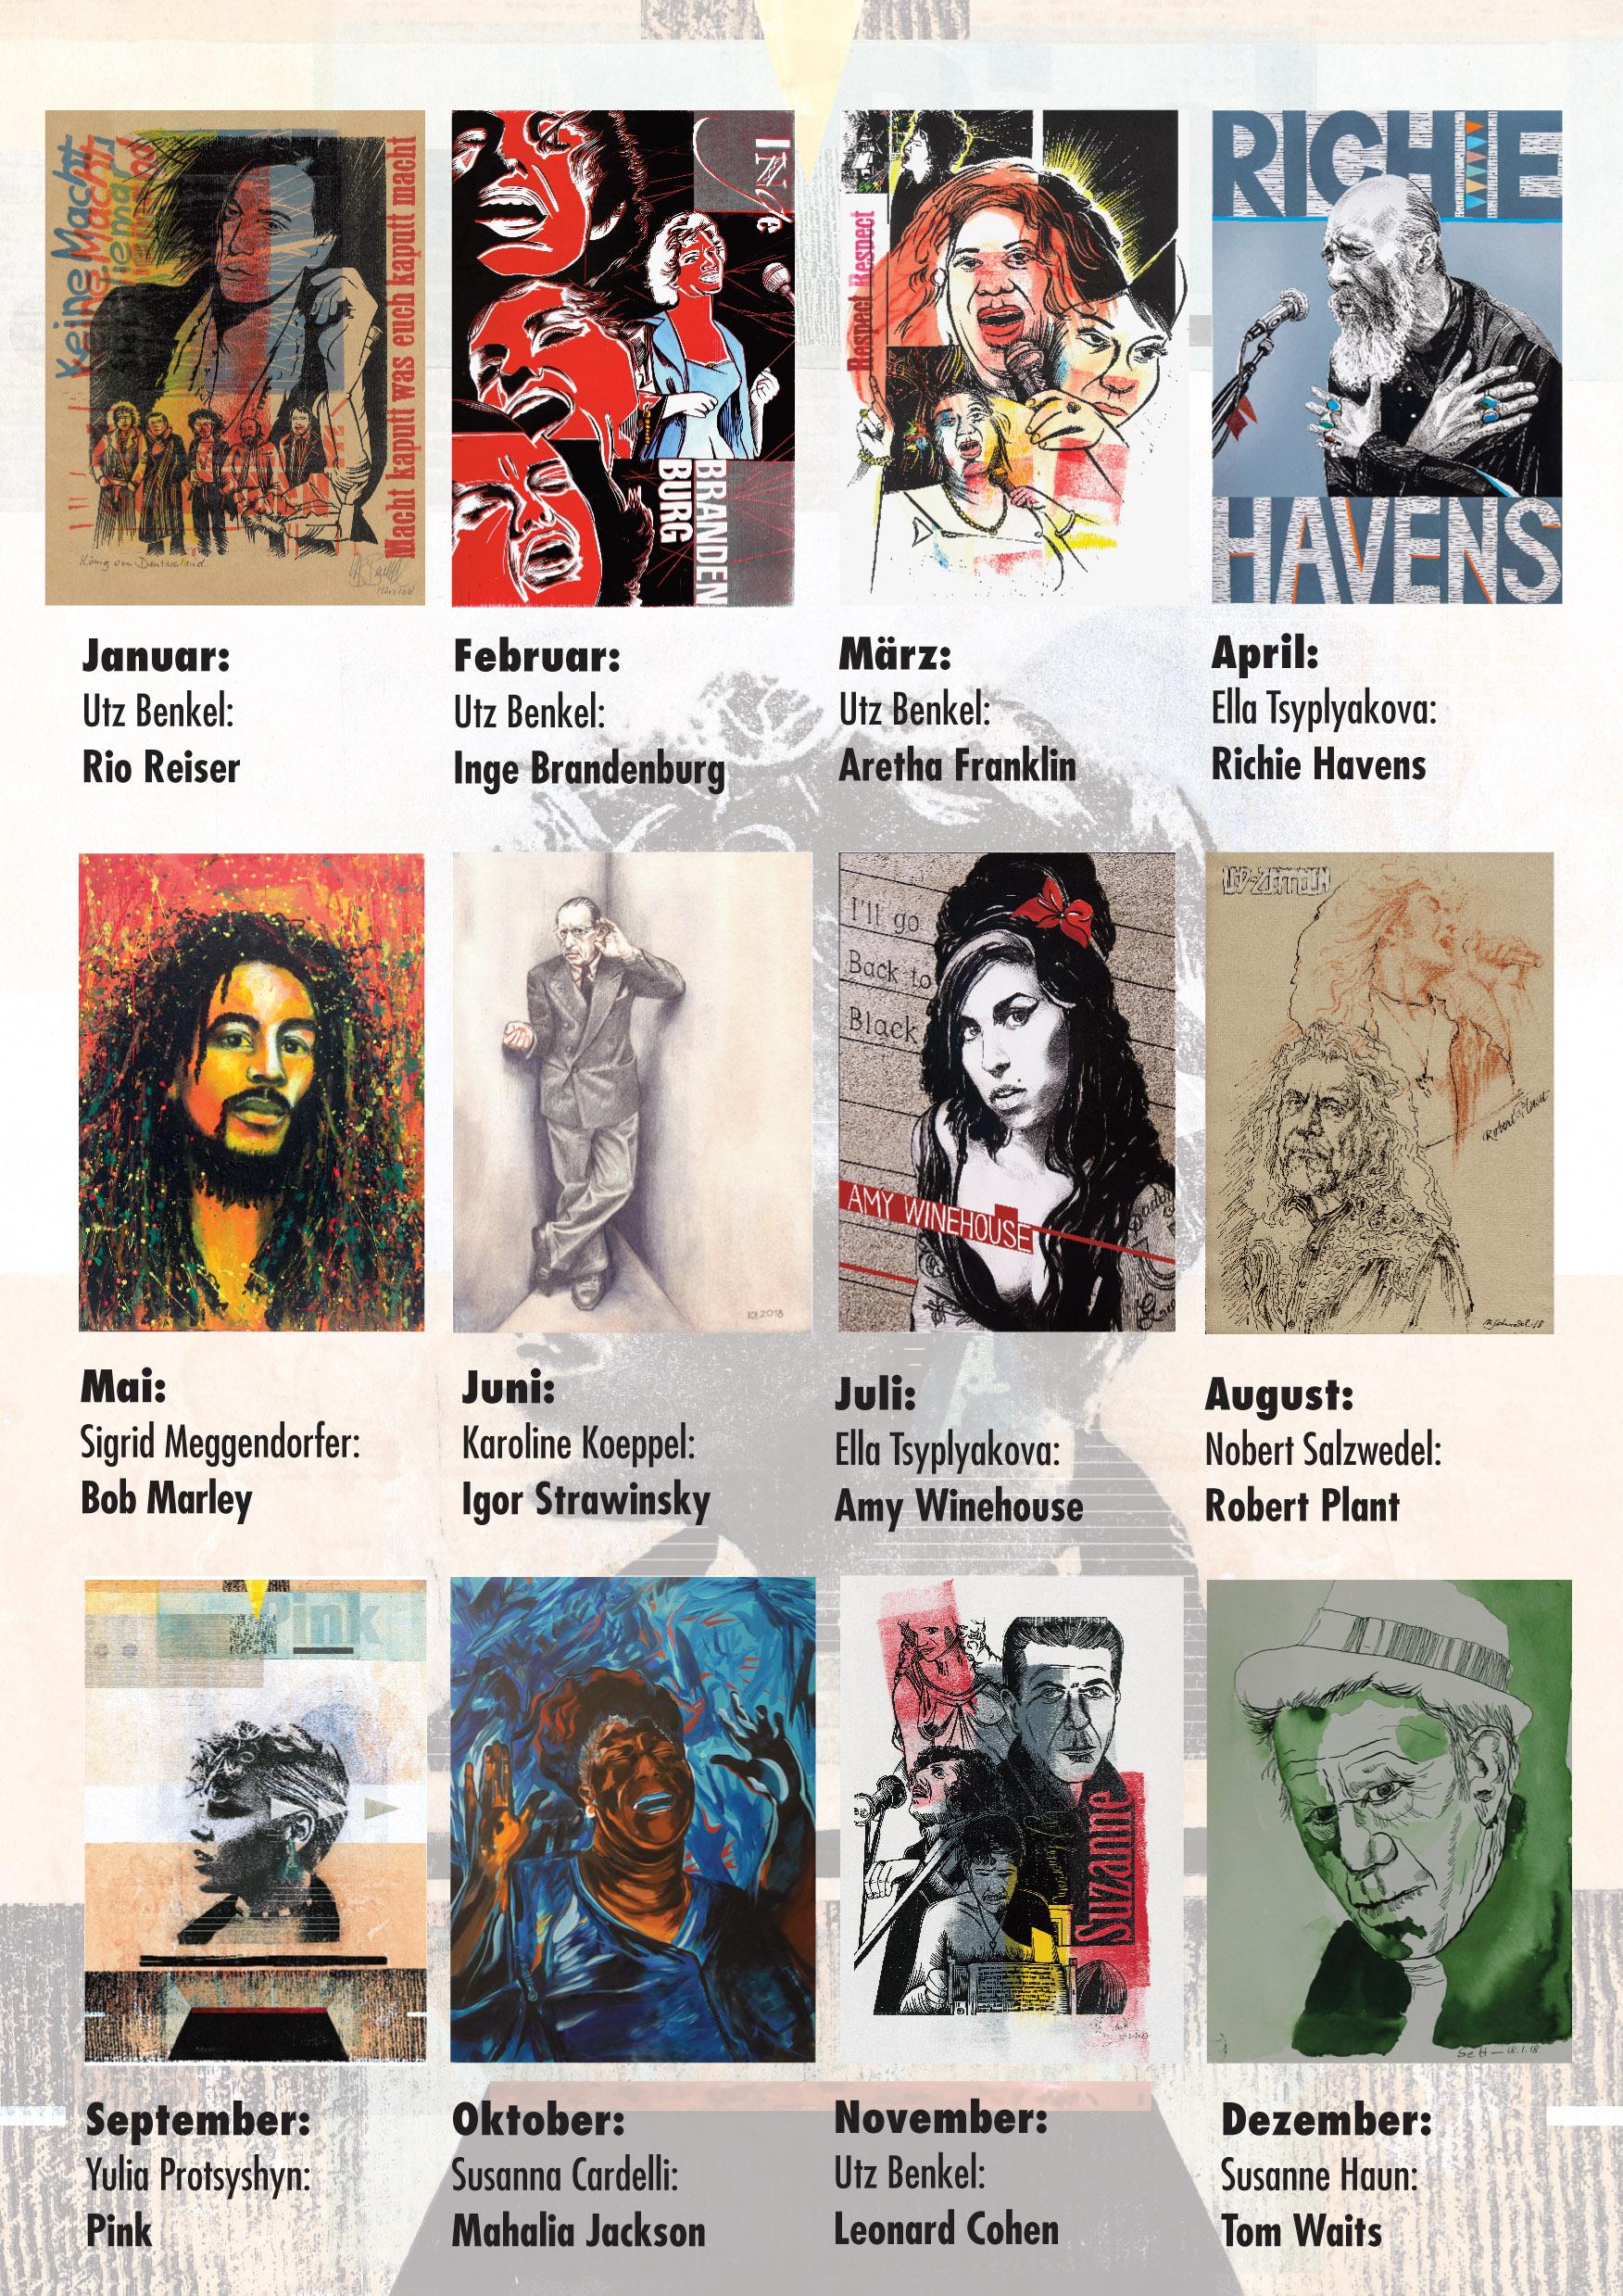 Die Wilde 13 - Musikerinnen Kalender im Utz Benkel Verlag